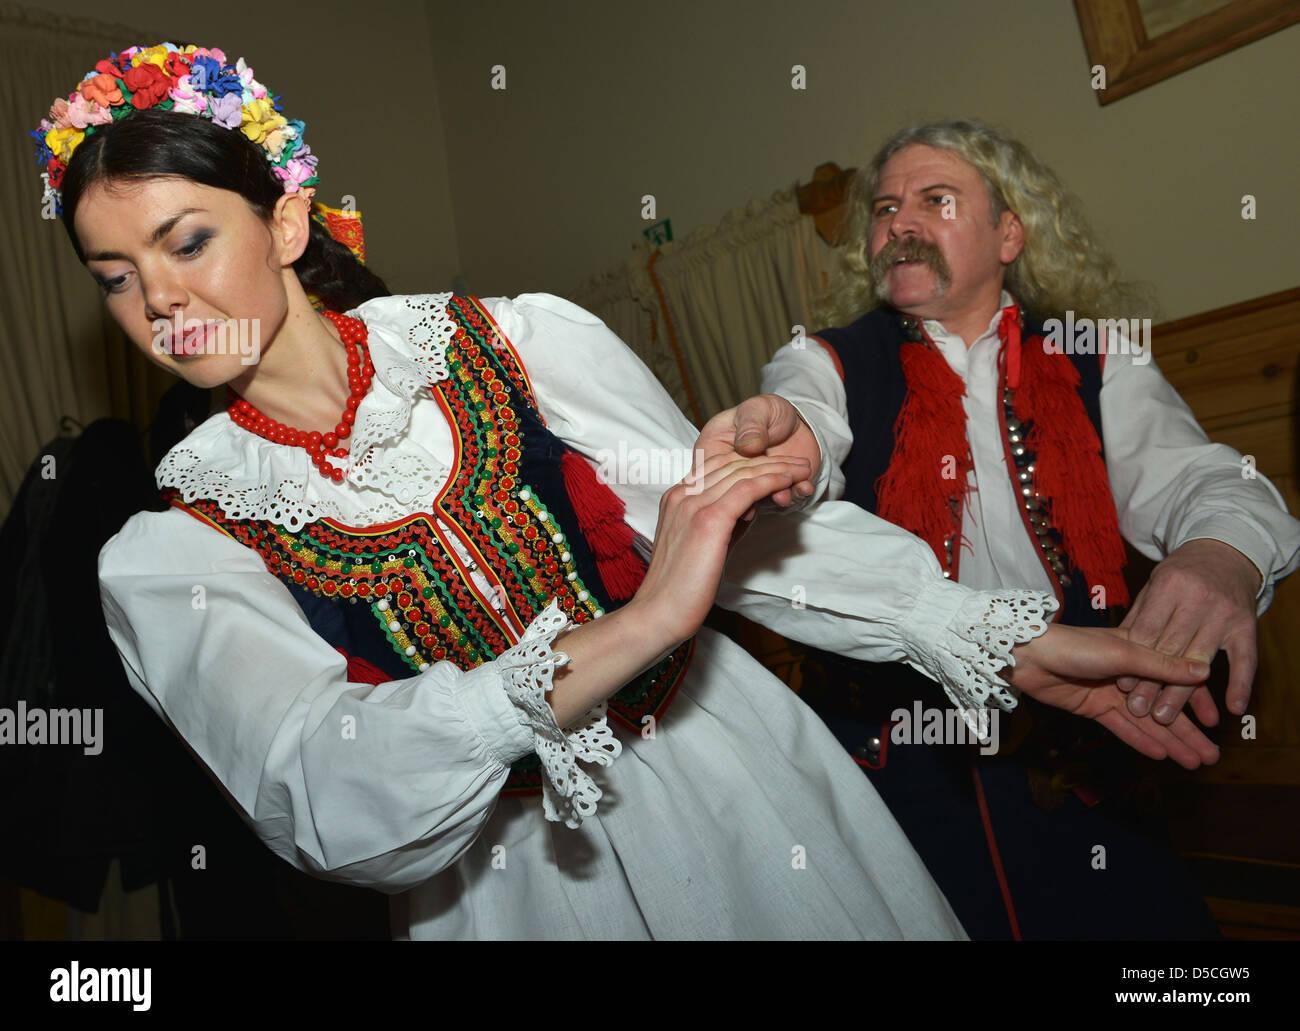 Los bailarines y cantantes en trajes nacionales, Cracovia, Polonia Imagen De Stock